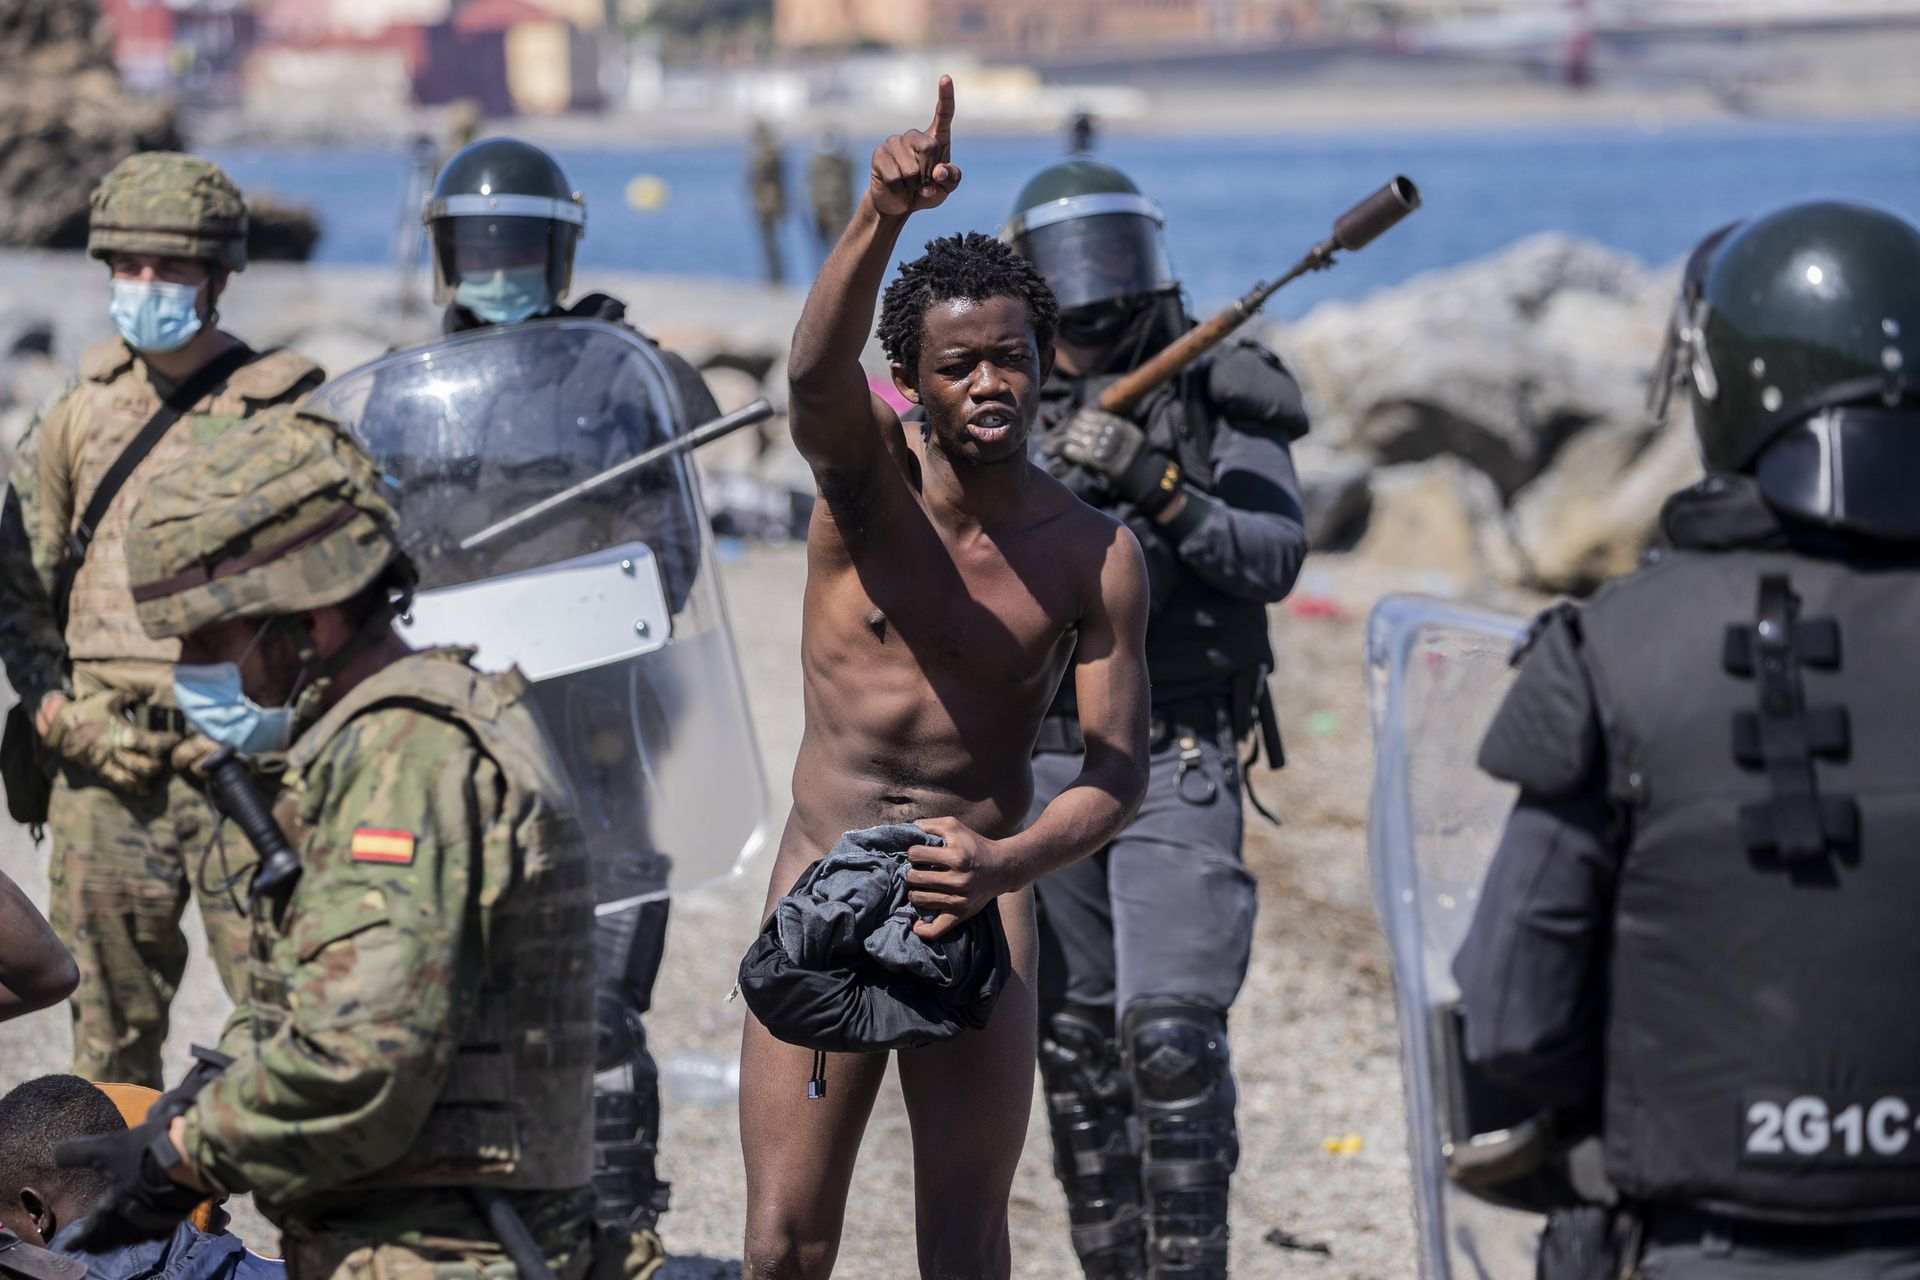 Un migrante totalmente desnudo, discute con las fuerzas de seguridad españolas, momentos antes de ser expulsado a Marruecos en el enclave español de Ceuta